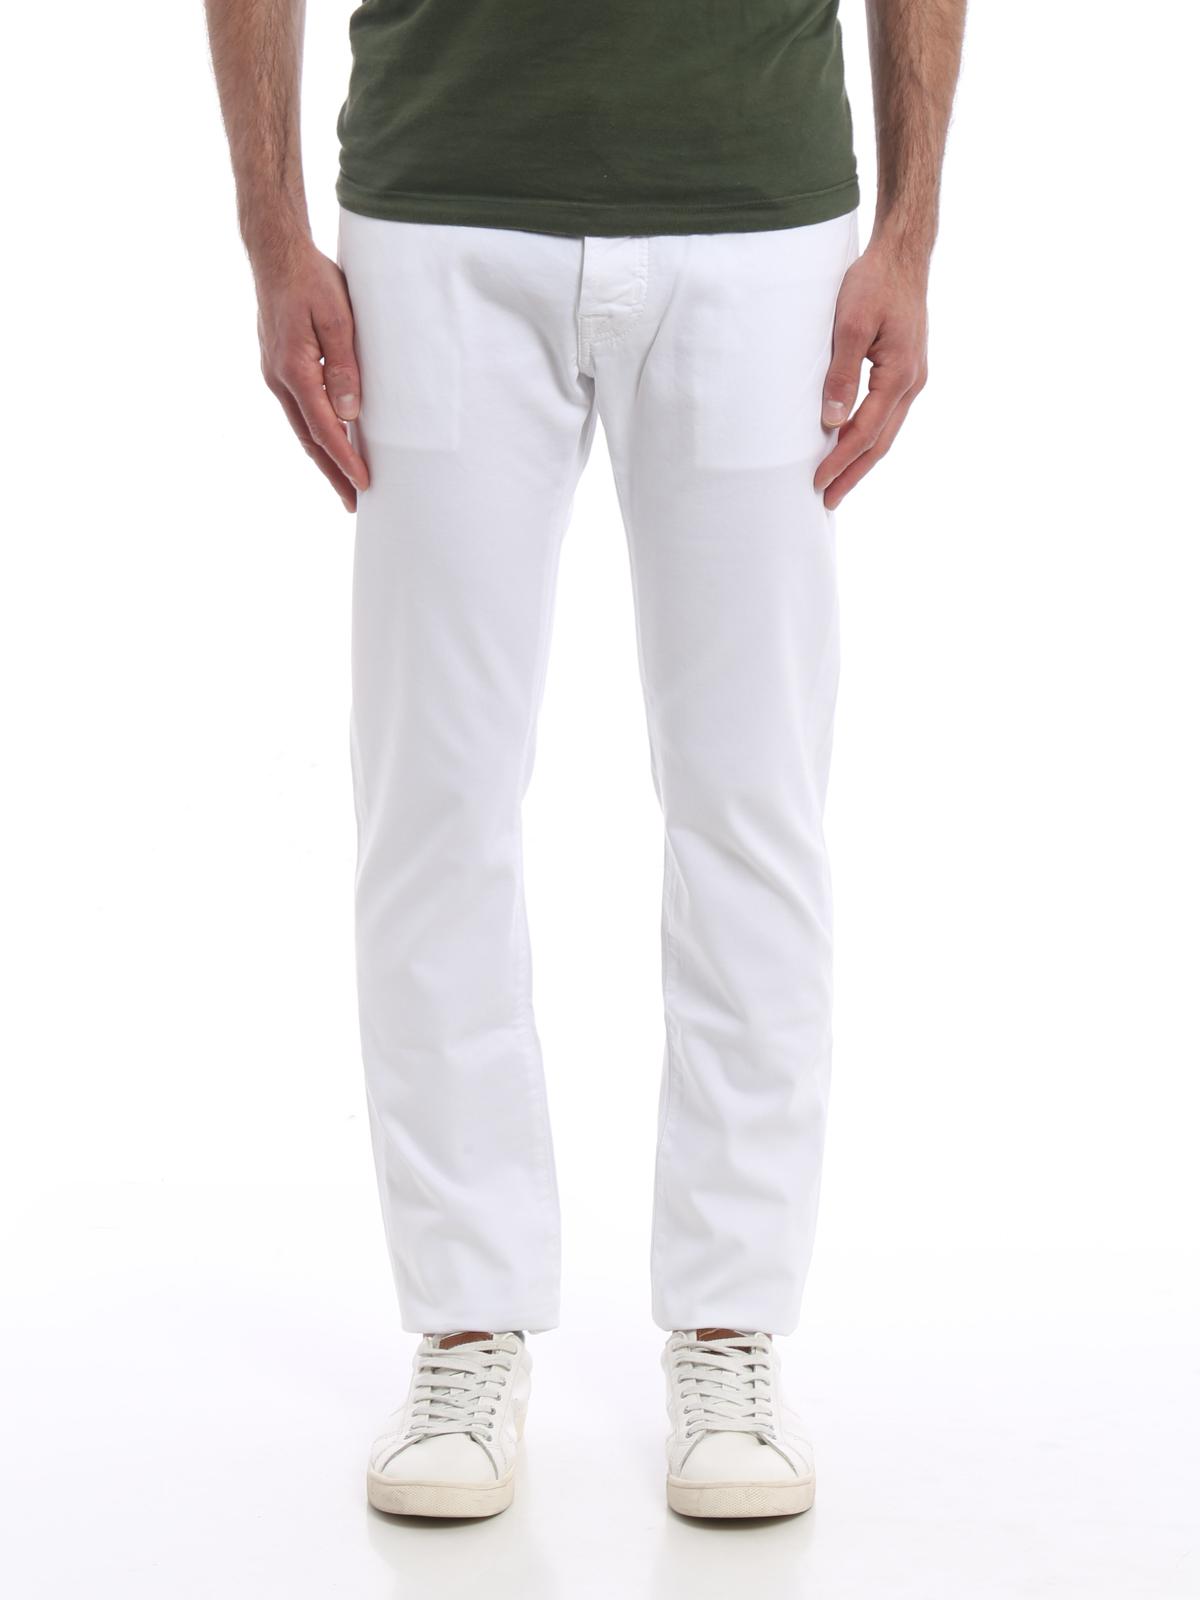 Pour Blanc Droite À Homme Jeans Cohen Slim Jean Jacob Jambe wtIFqI e712169f4c7